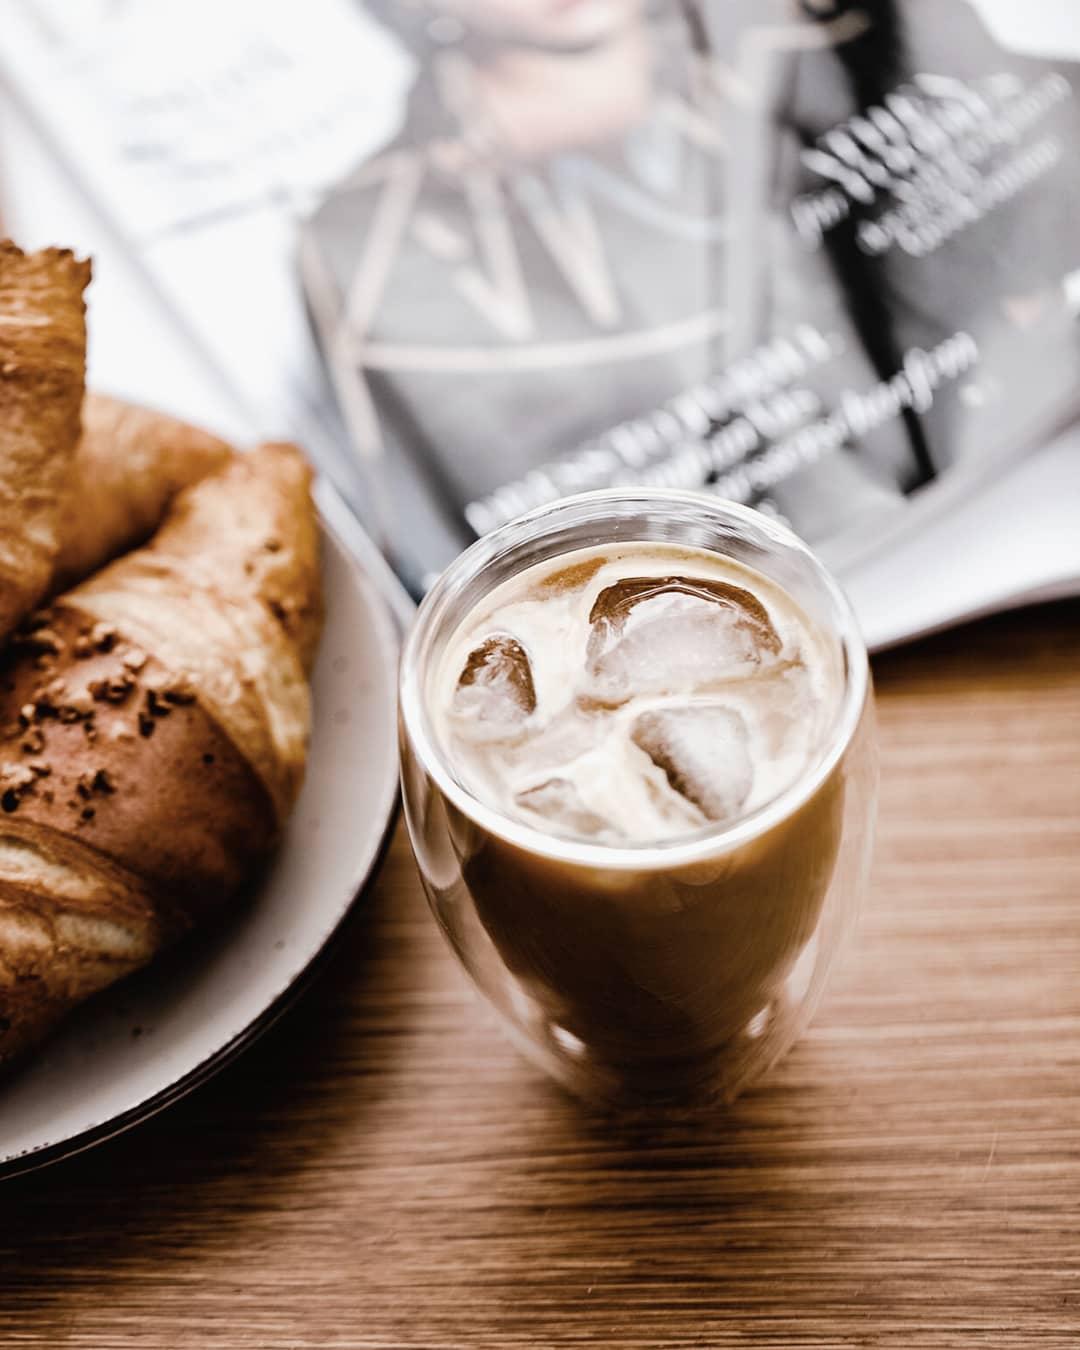 Superenkel iskaffe!